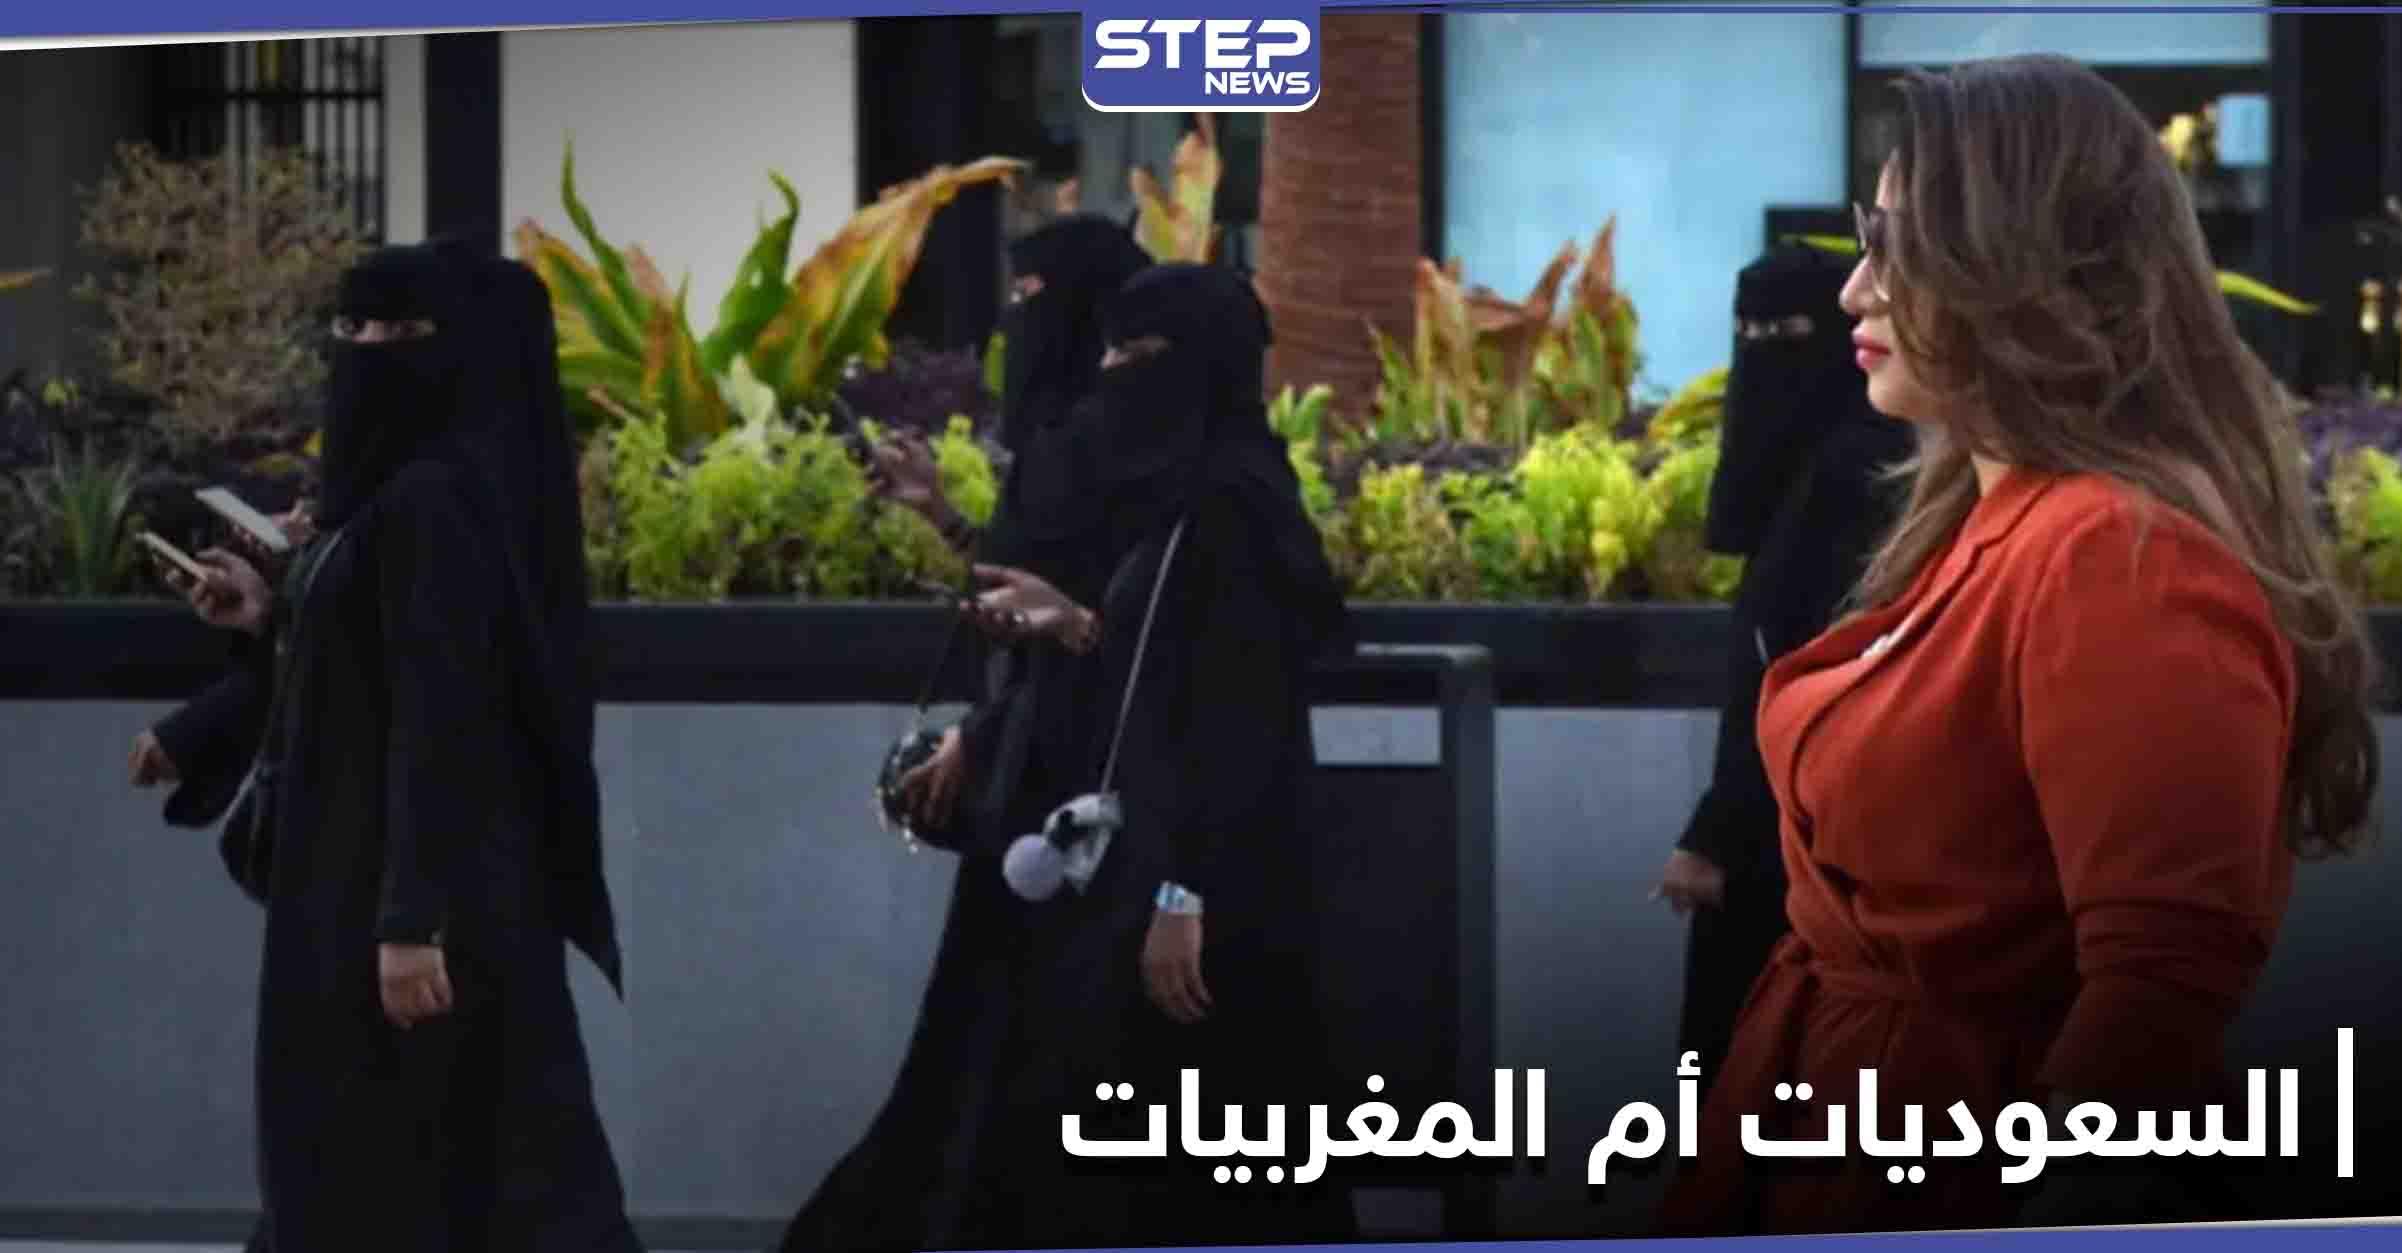 المقارنة بين نساء السعودية والمغرب تثير جدلاً واسعاً على منصات التواصل